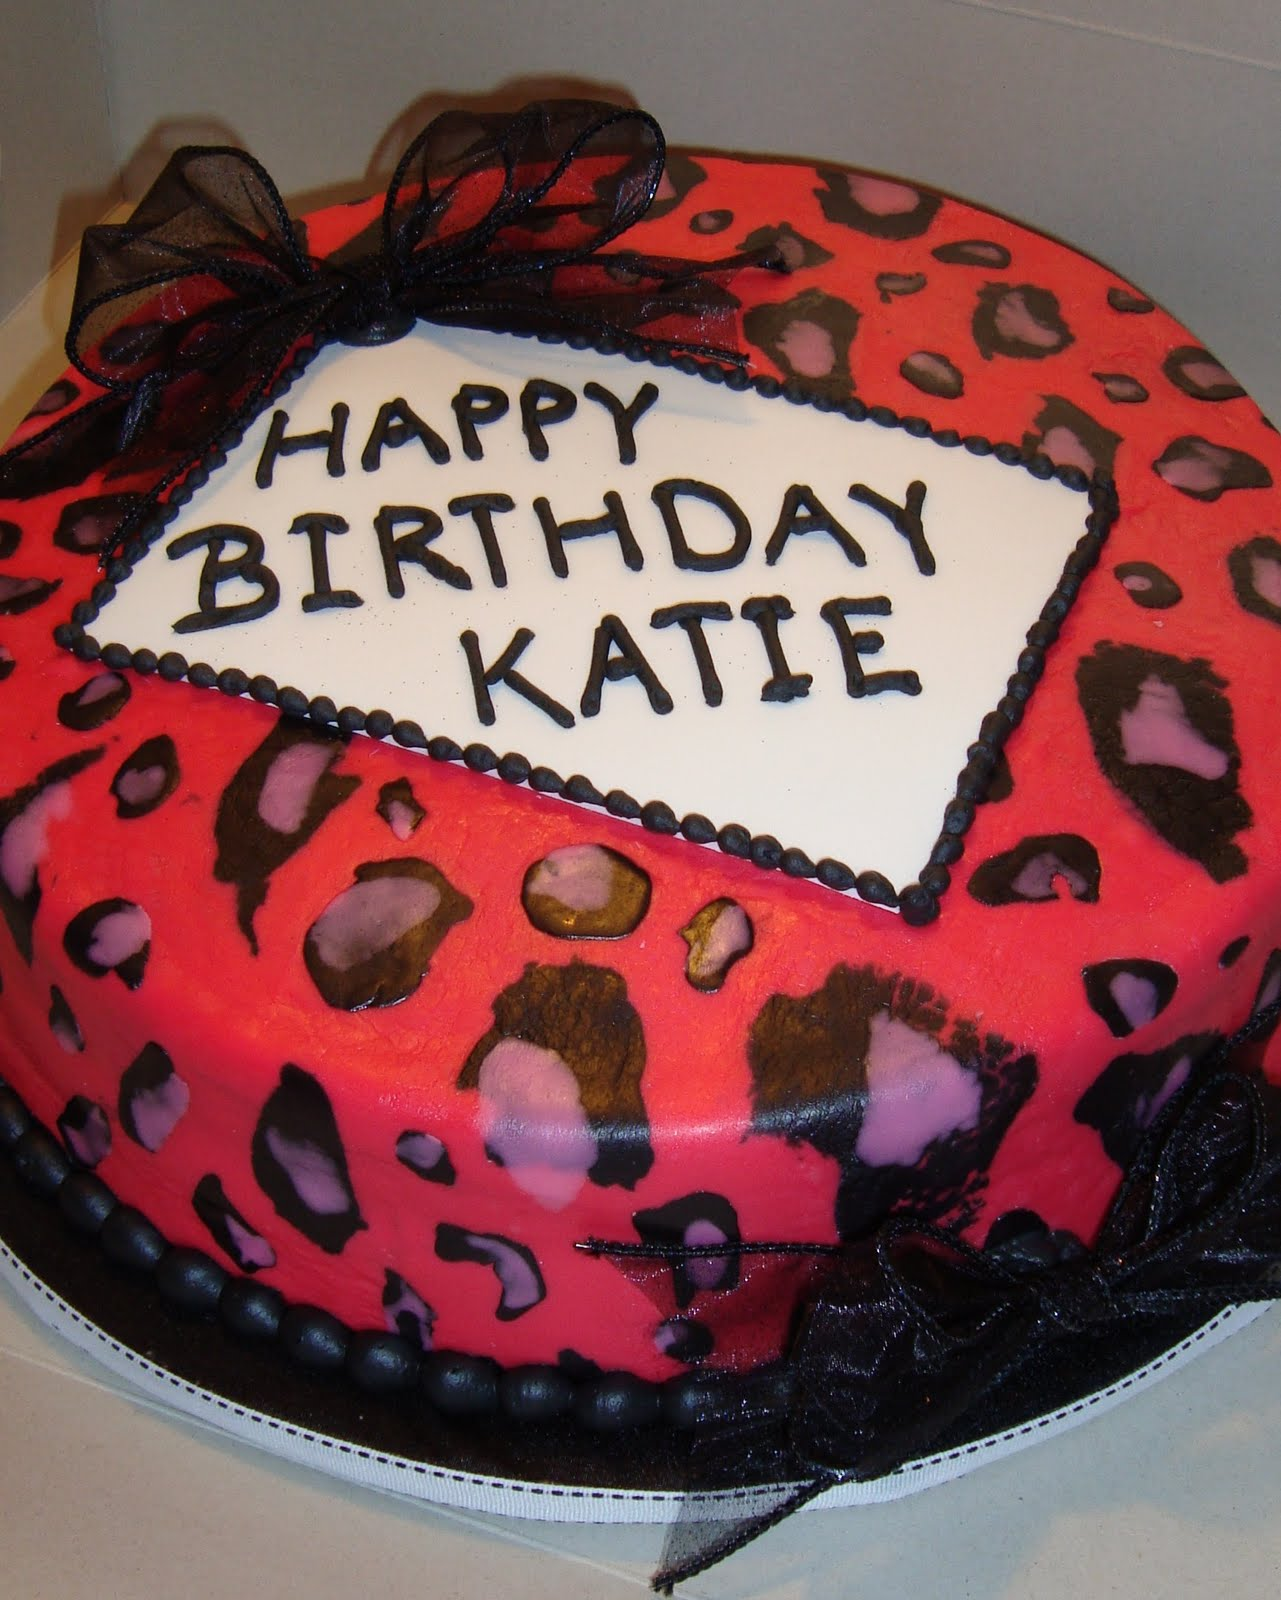 Re: Happy Birthday Katie1724